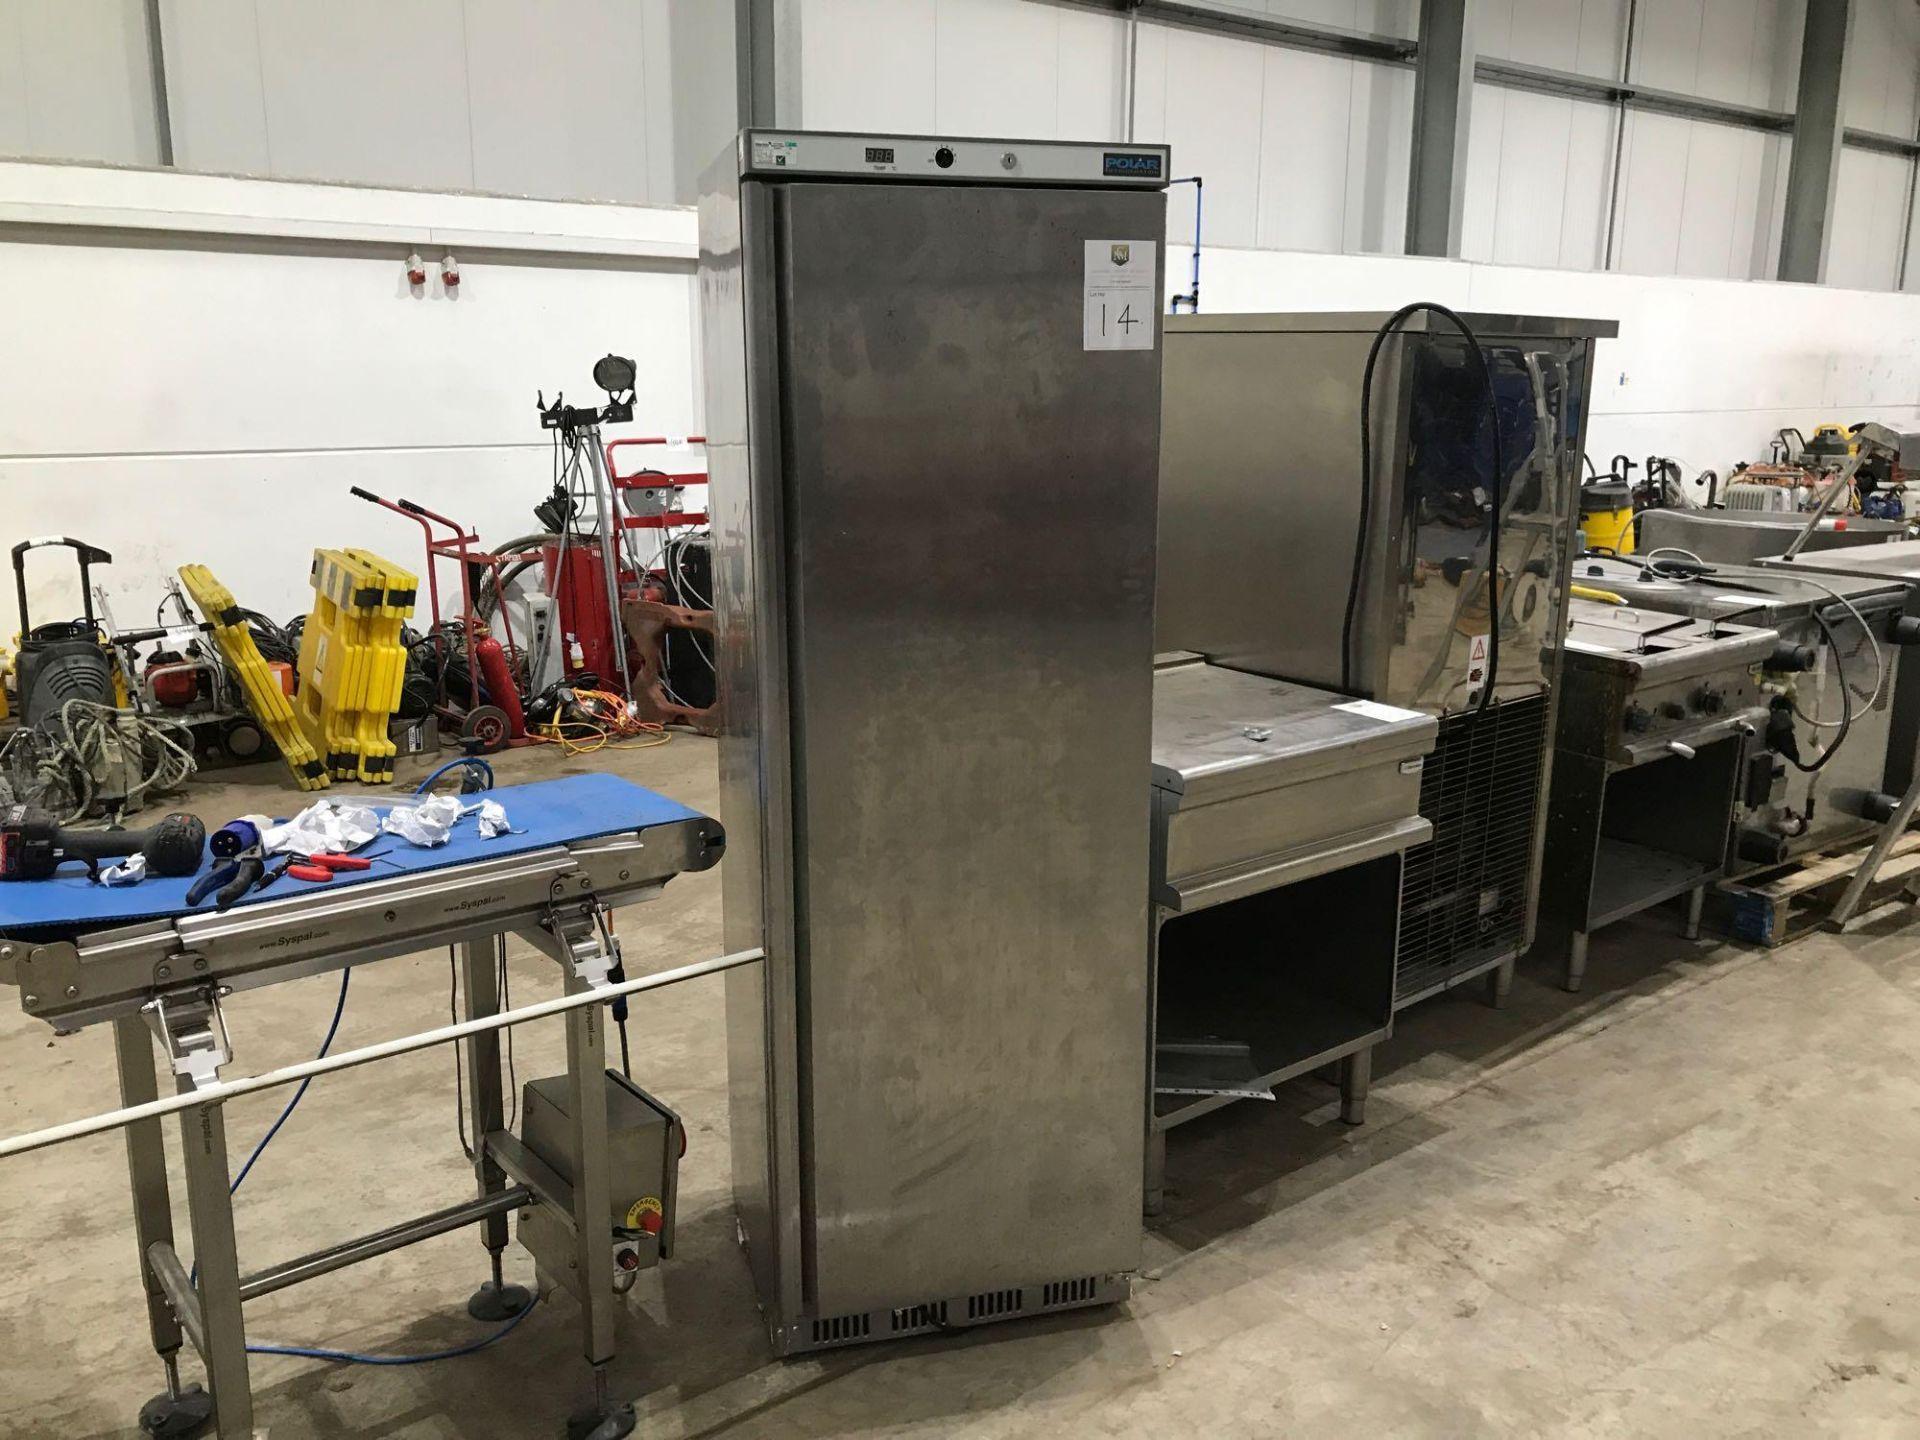 Lot 182 - Polar tall refrigerator